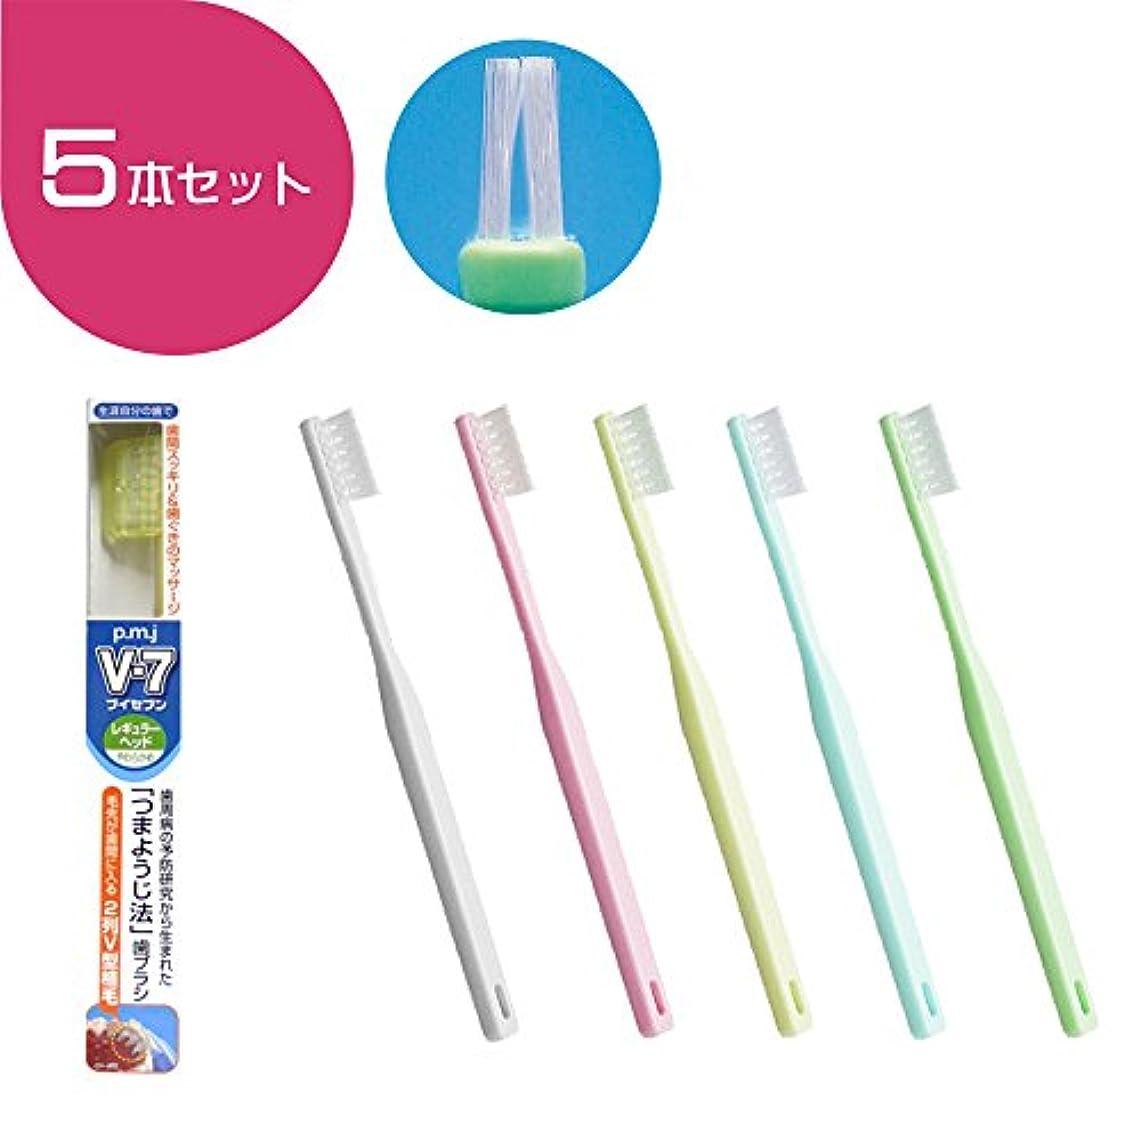 矢印コンクリートオークションV-7 ブイセブン レギュラーヘッド 5本 (ふつう)